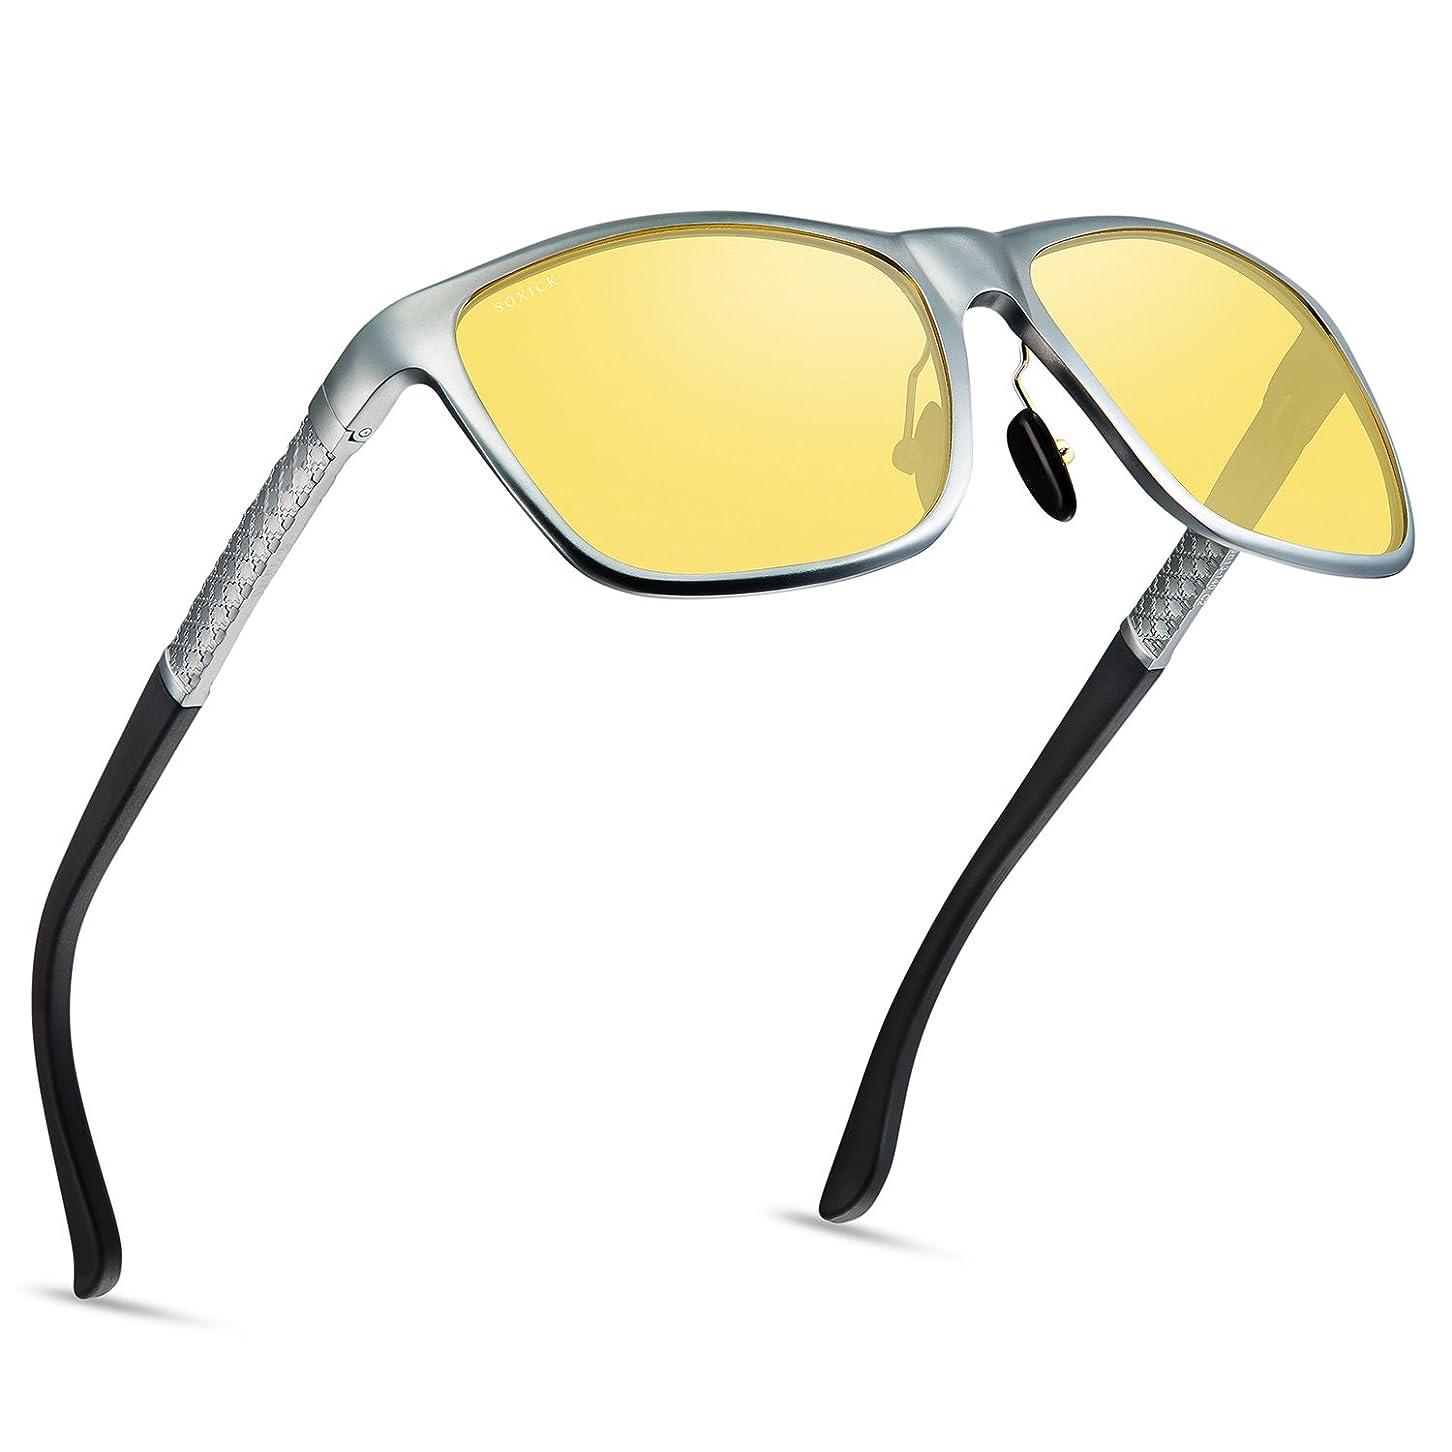 リビジョンバリケード現実にはSoxick? HD 夜間 運転 偏光サングラス メンズ ナイトビジョン ハーフリム メタル フレーム 男女兼用 メガネ